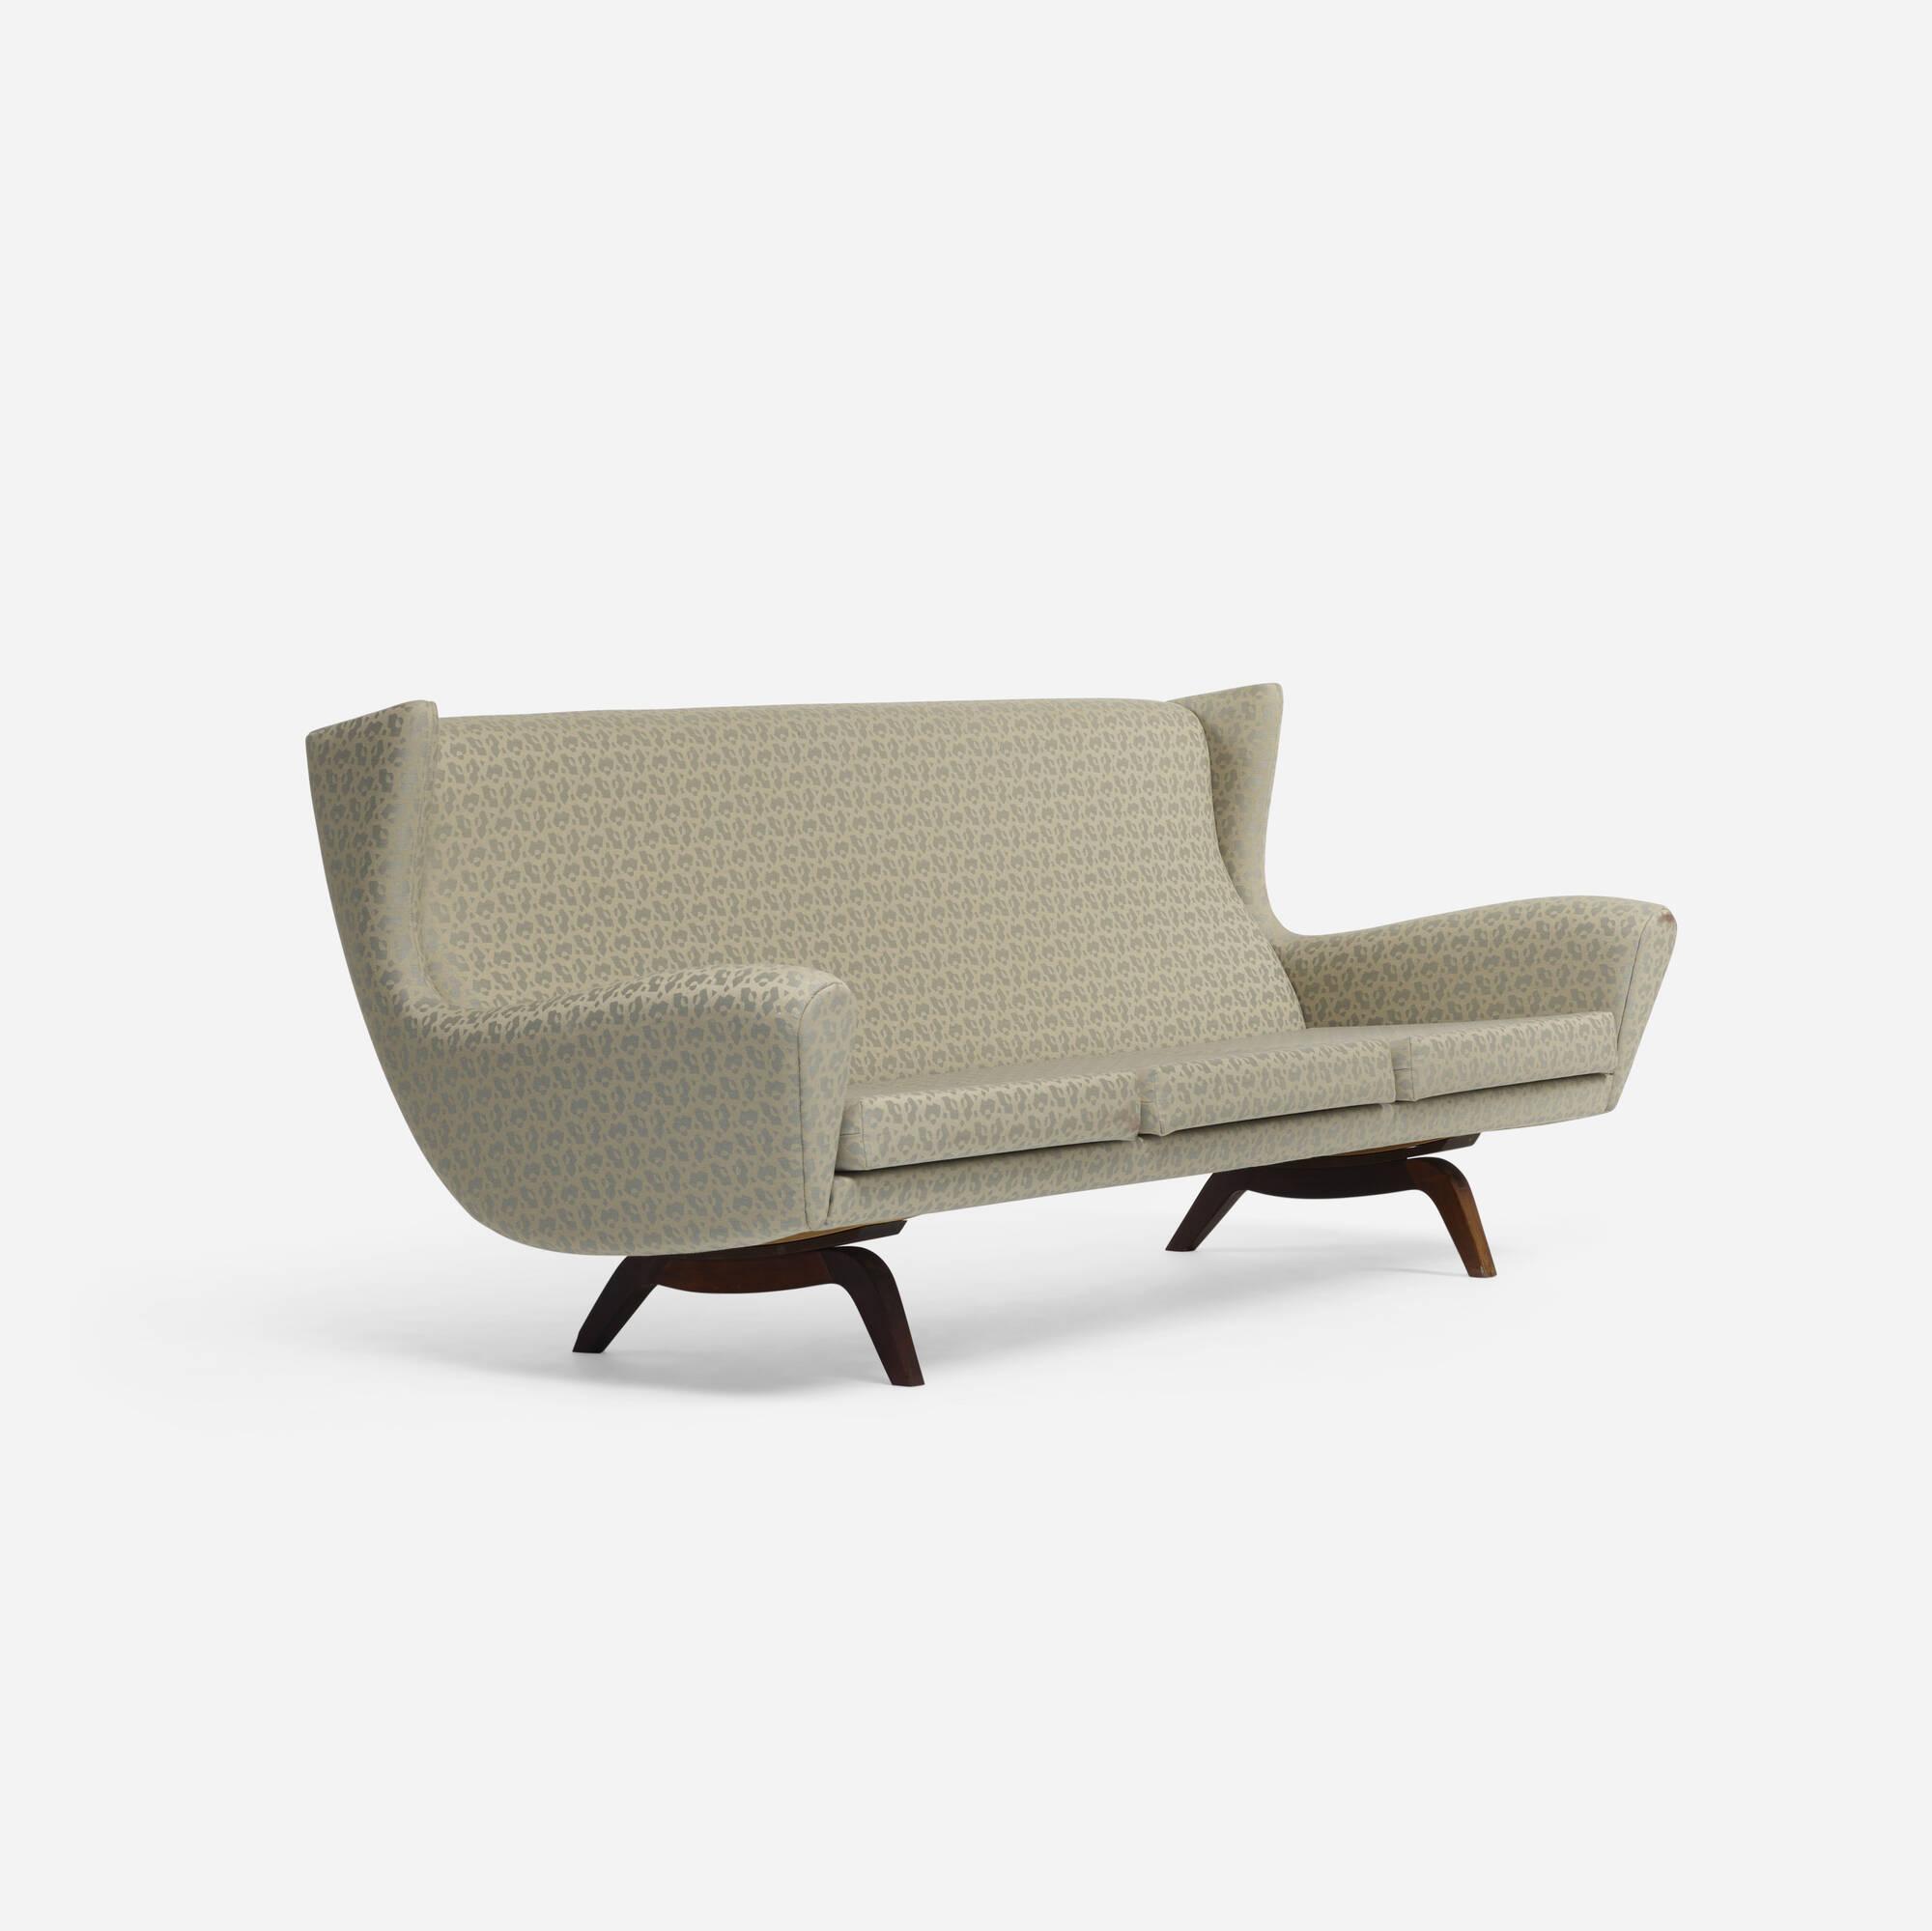 304: Illum Wikkelsø / sofa, model 110 (2 of 4)